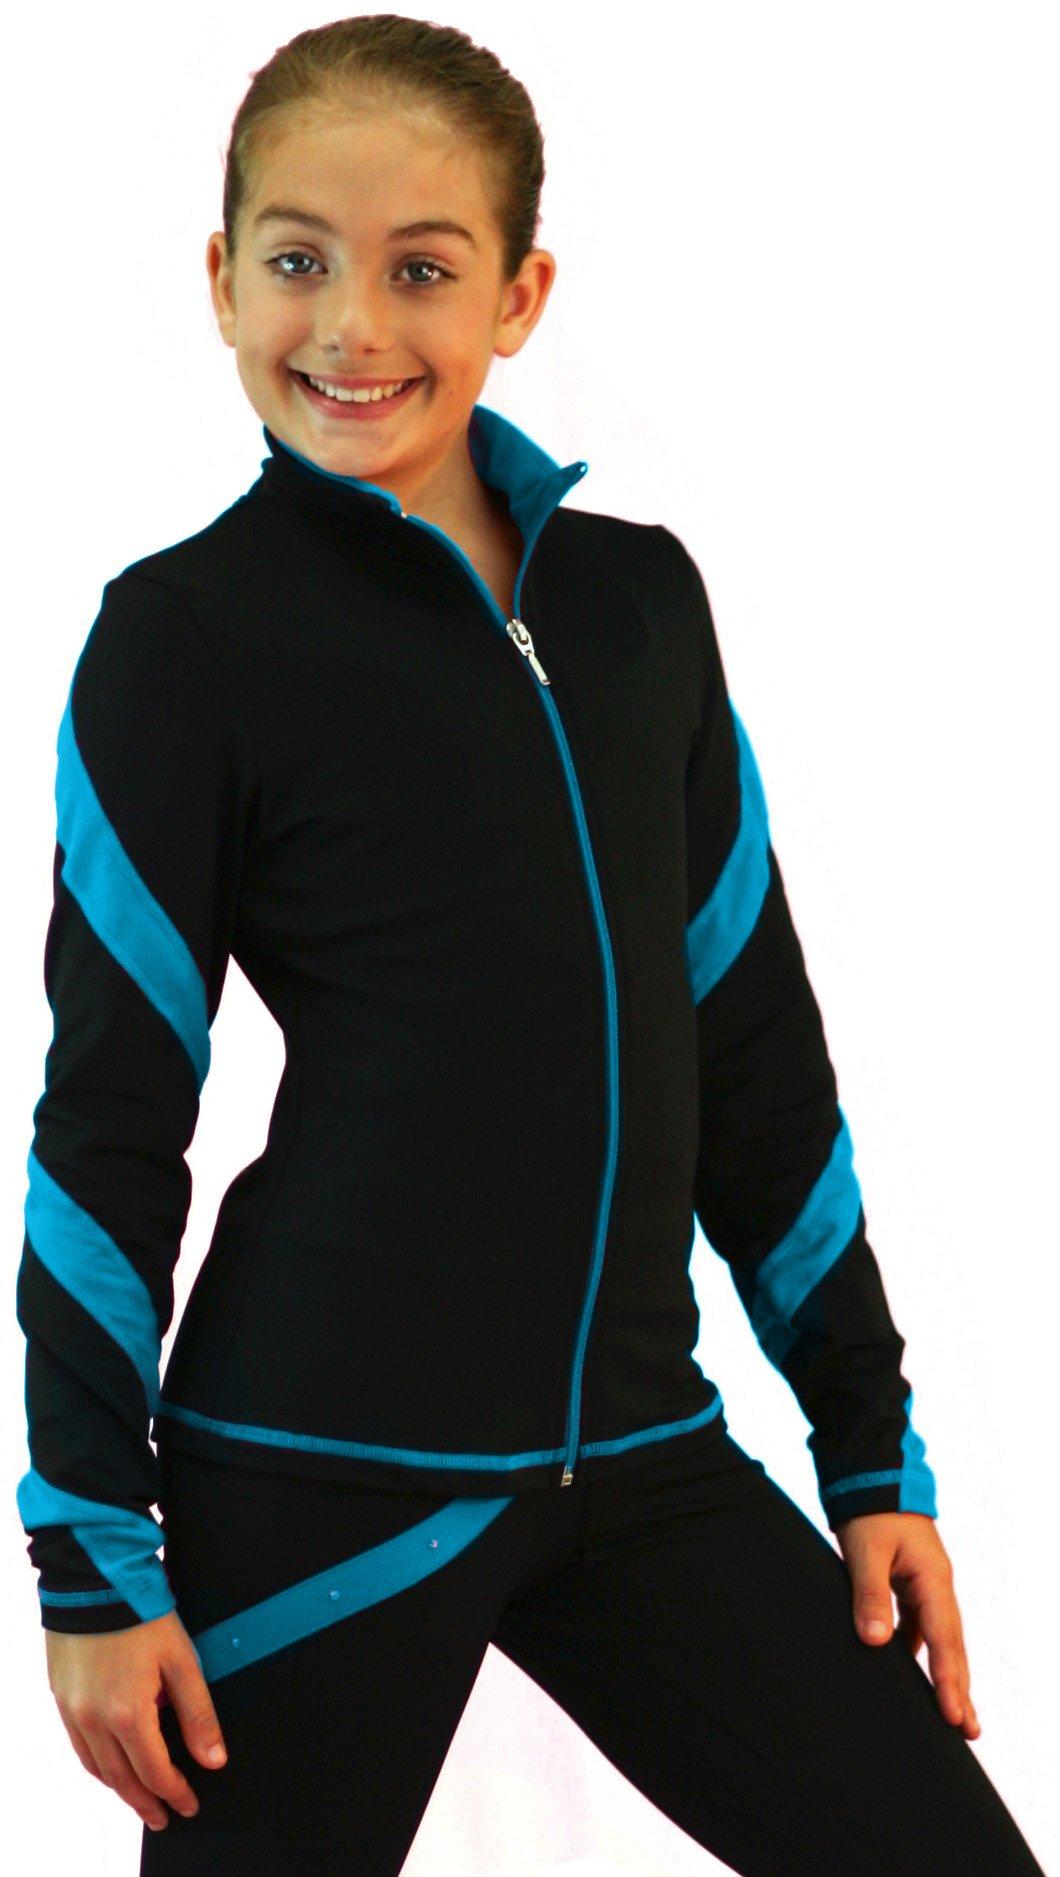 ChloeNoel J36 - Spiral Figure Skating Jacket Turquoise Adult Small by ChloeNoel